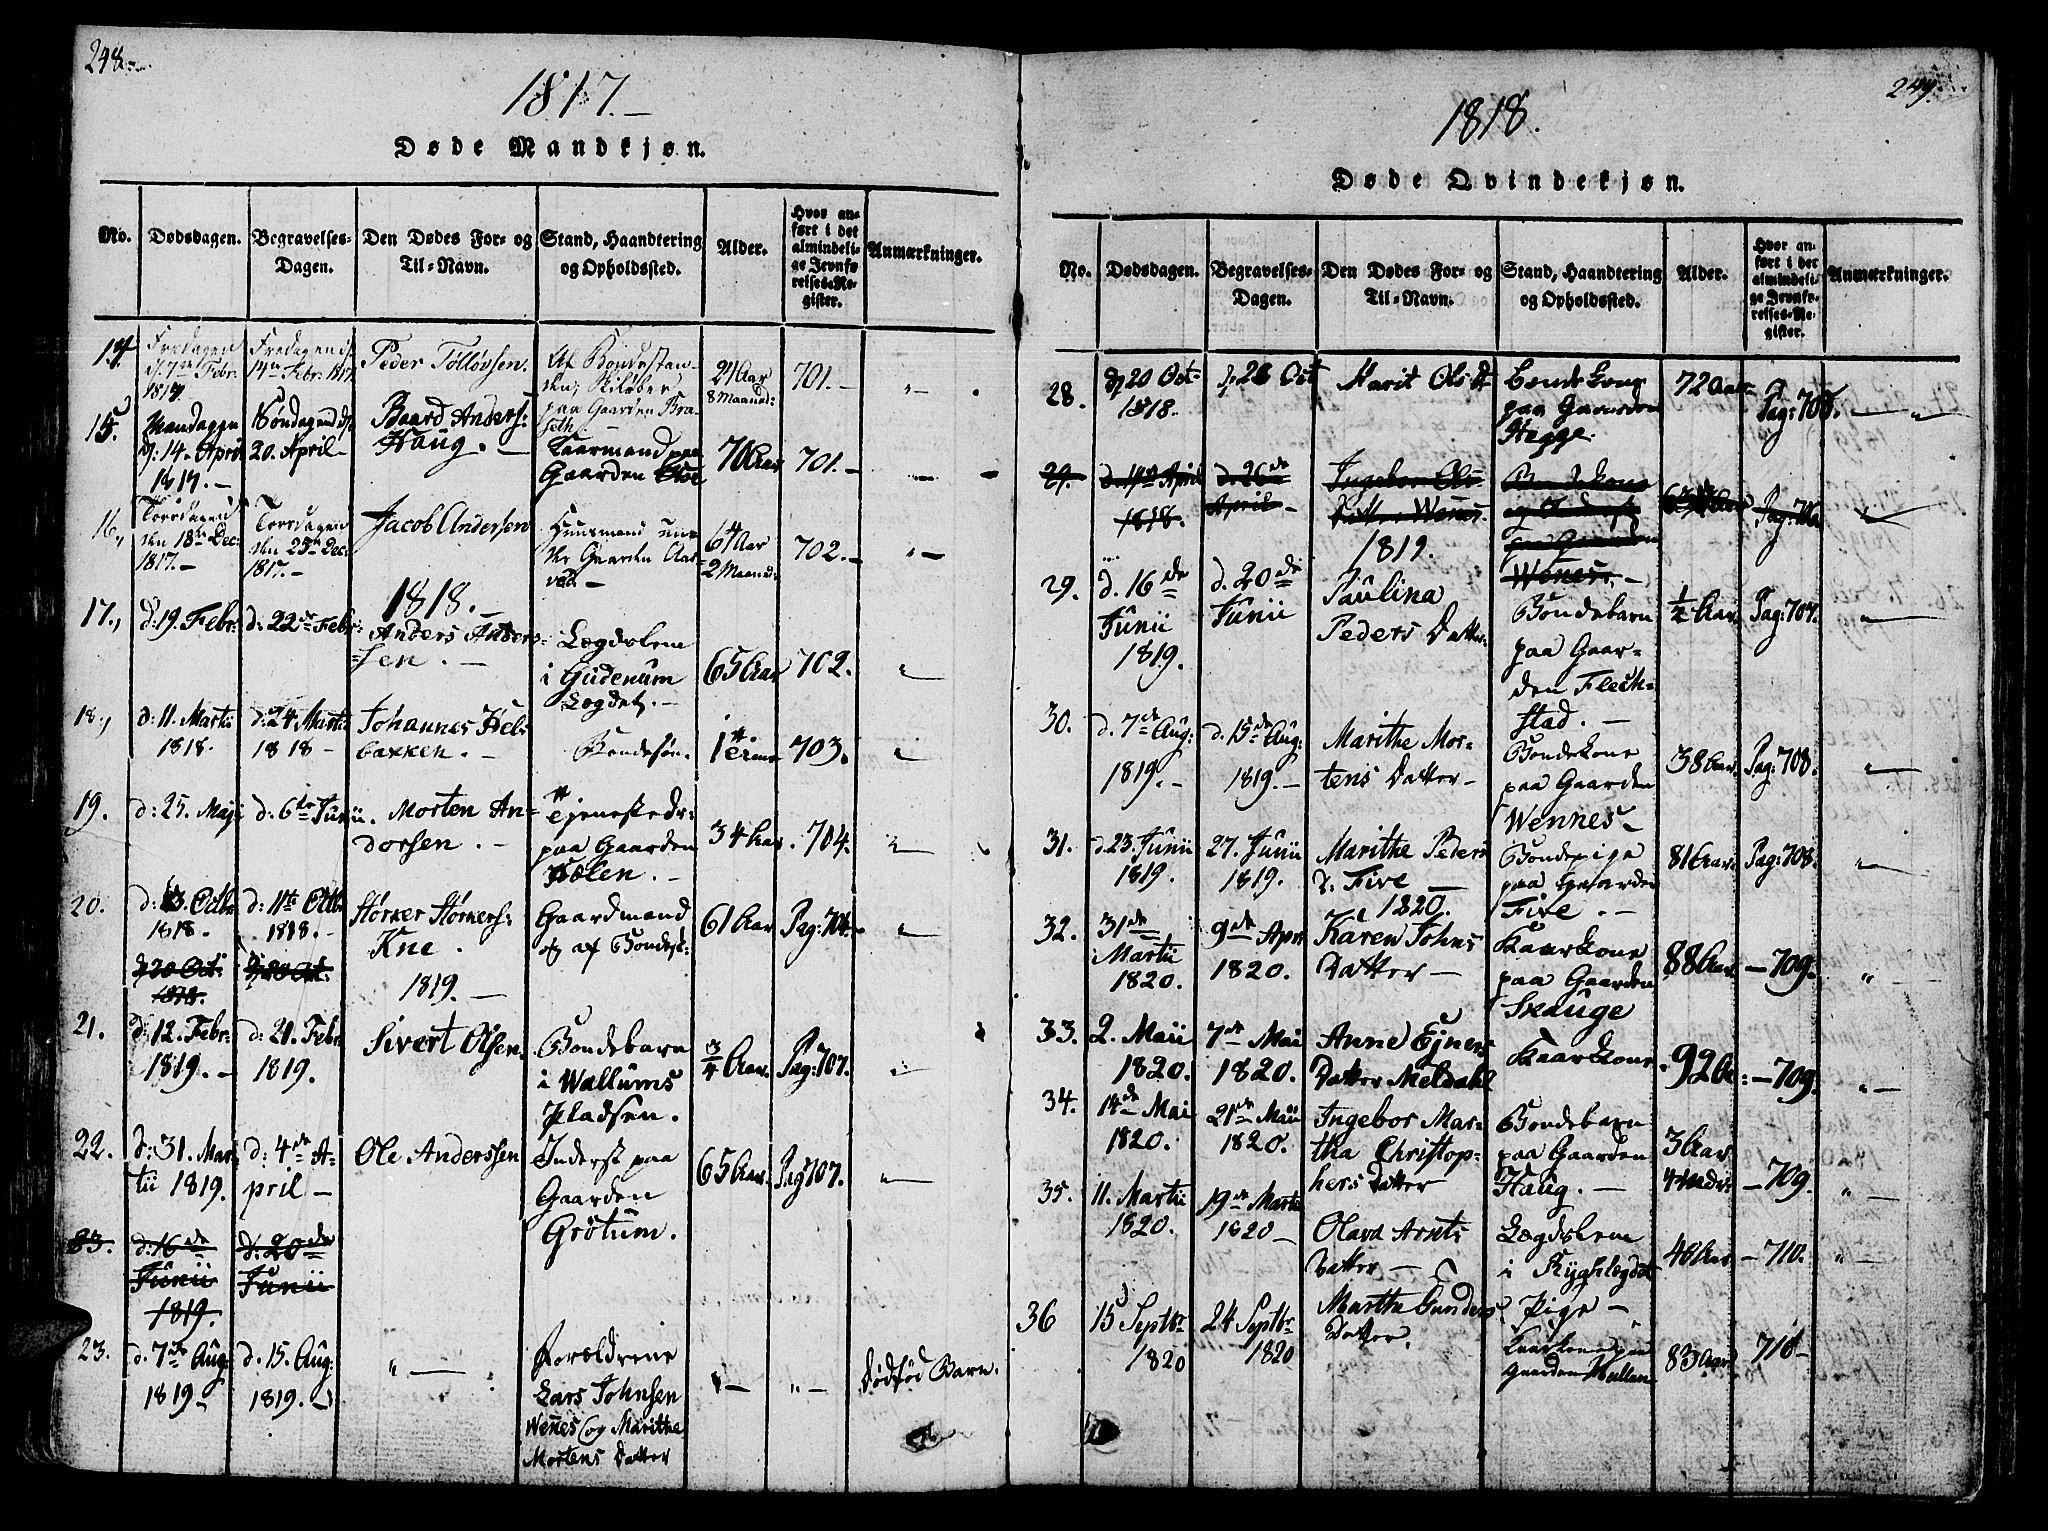 SAT, Ministerialprotokoller, klokkerbøker og fødselsregistre - Nord-Trøndelag, 746/L0441: Ministerialbok nr. 746A03 /2, 1816-1827, s. 148-149